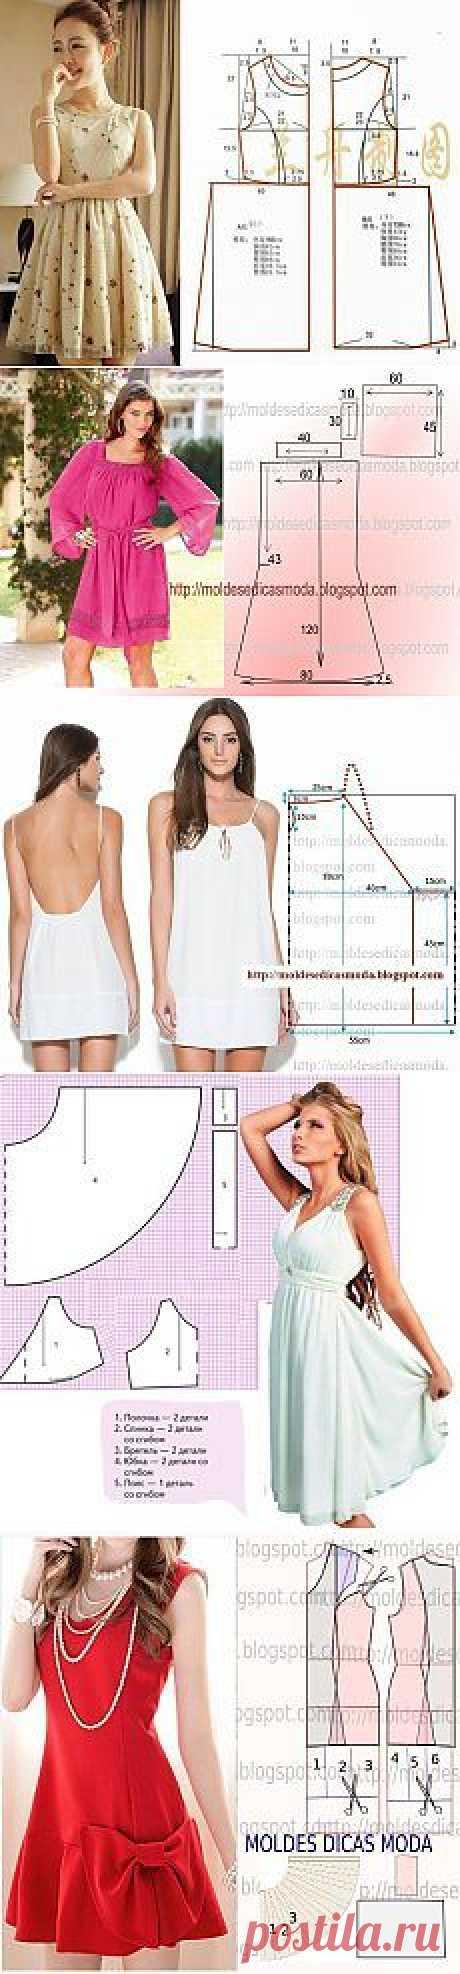 Buscar posts: Vestidos patrones